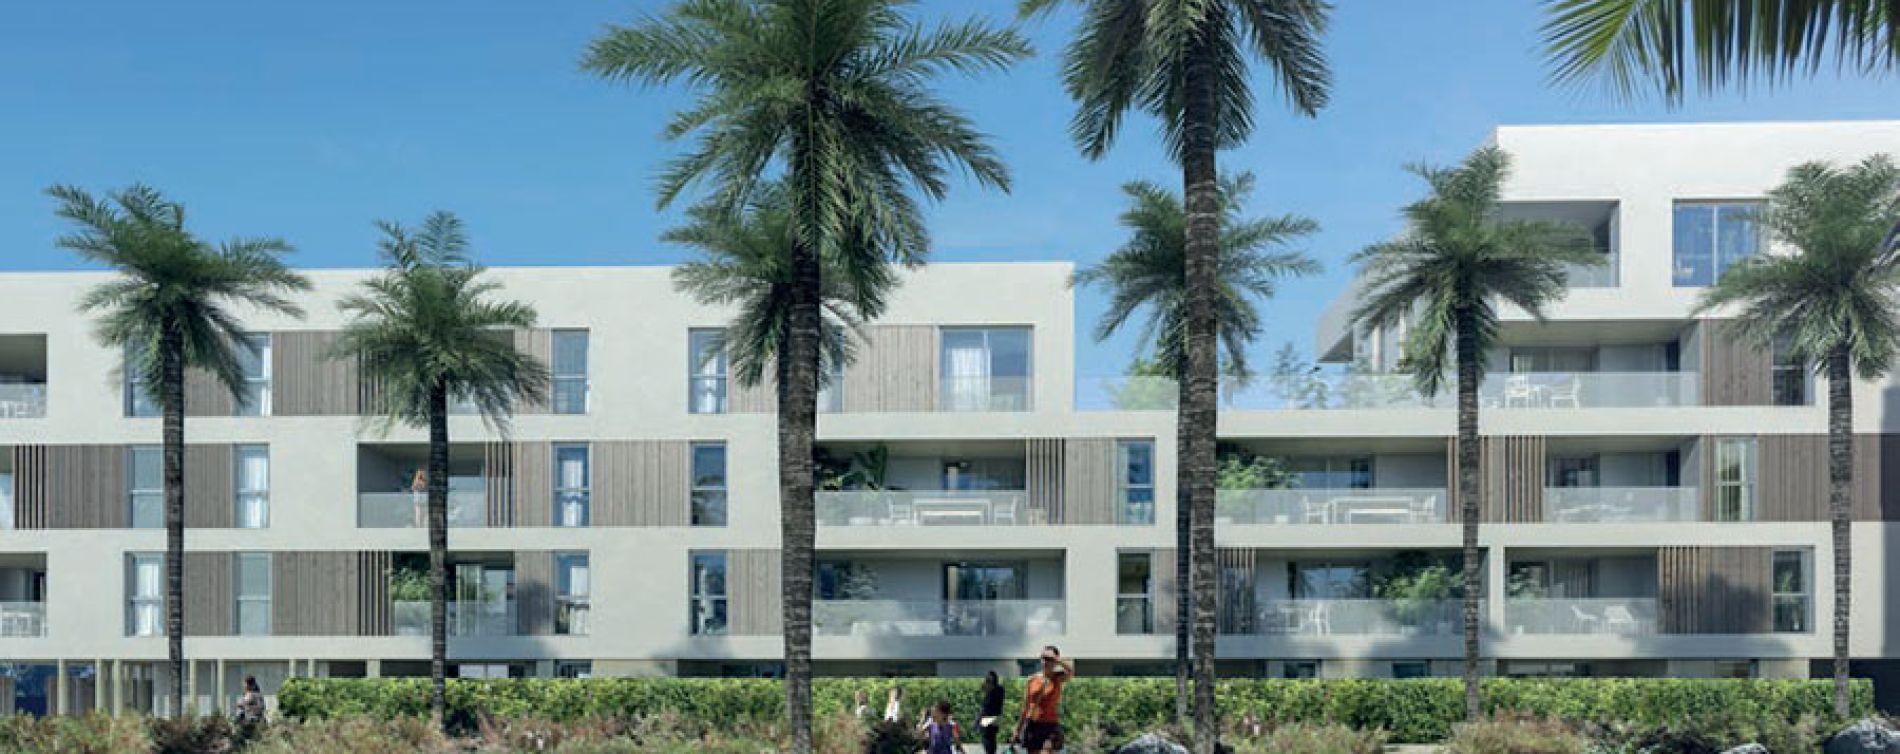 Résidence Le Jardin de Matisse à Saint-Laurent-du-Var